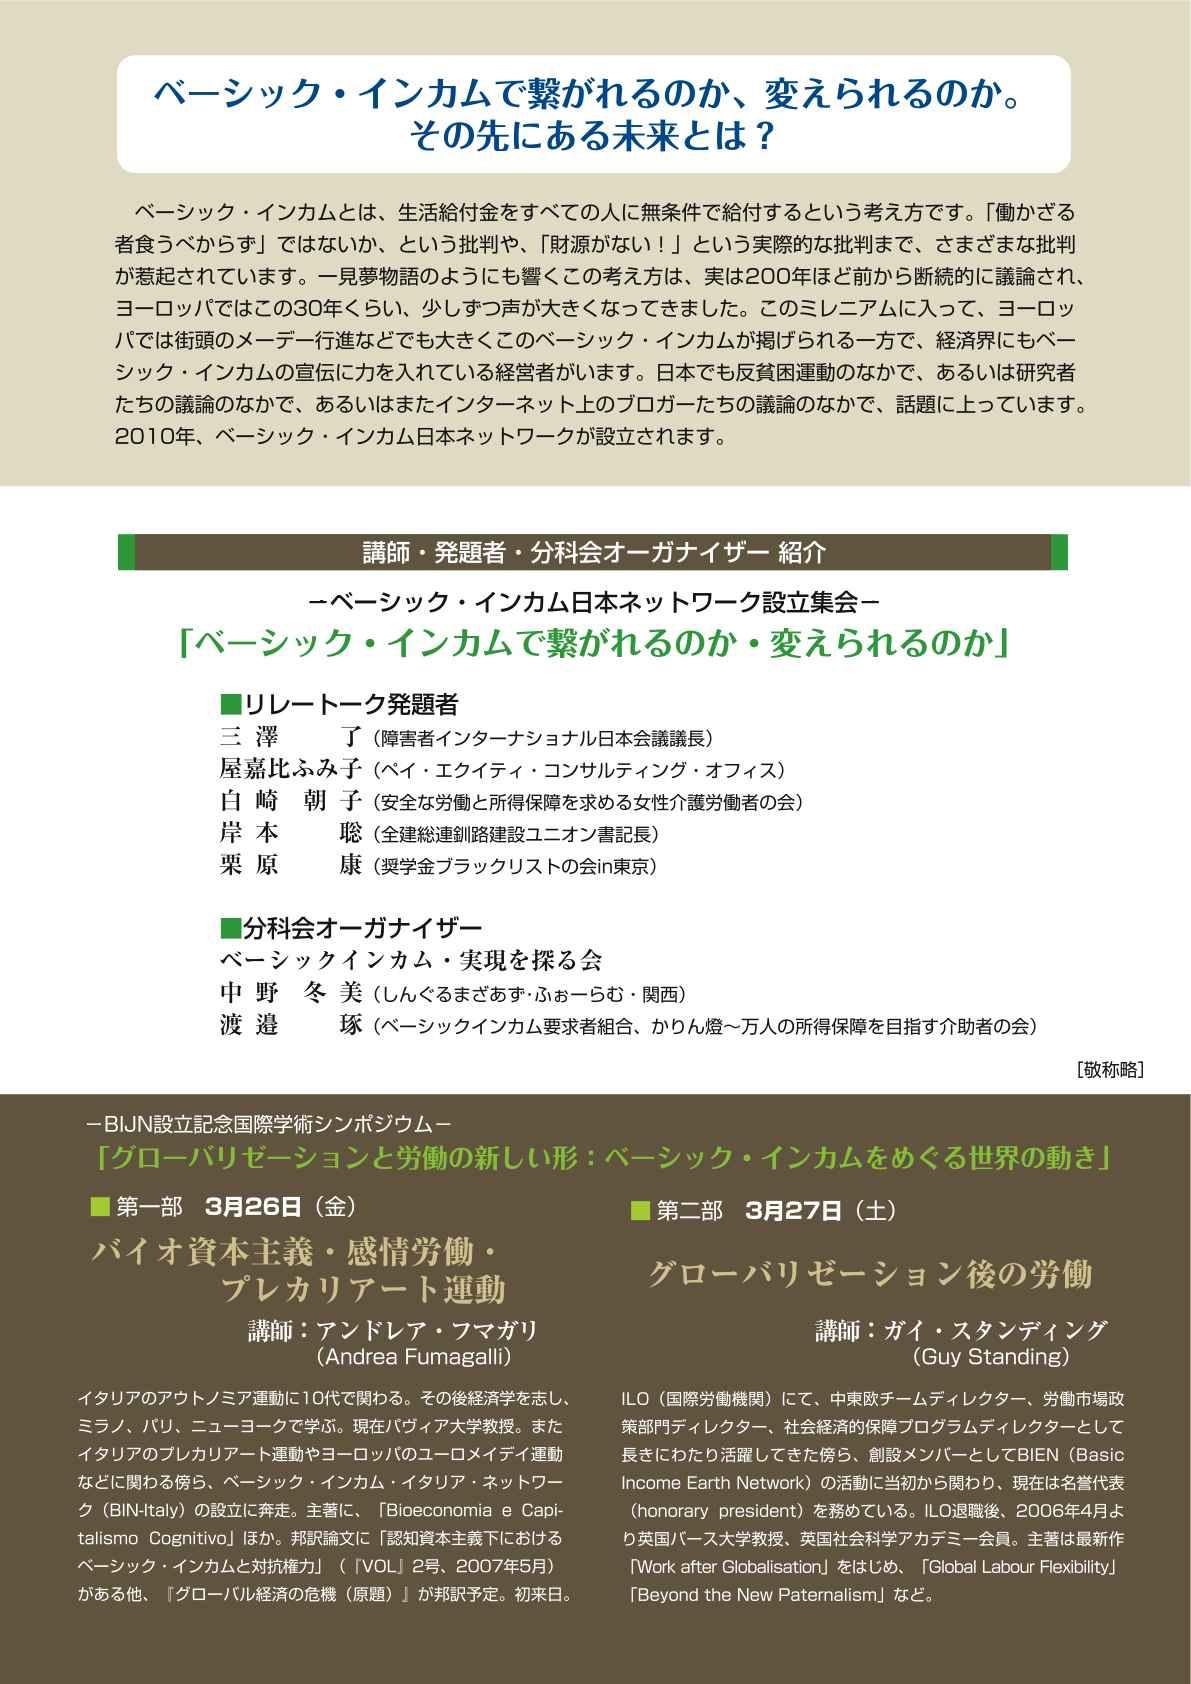 BI日本ネットワークが京都からひろがる_e0105099_11552789.jpg